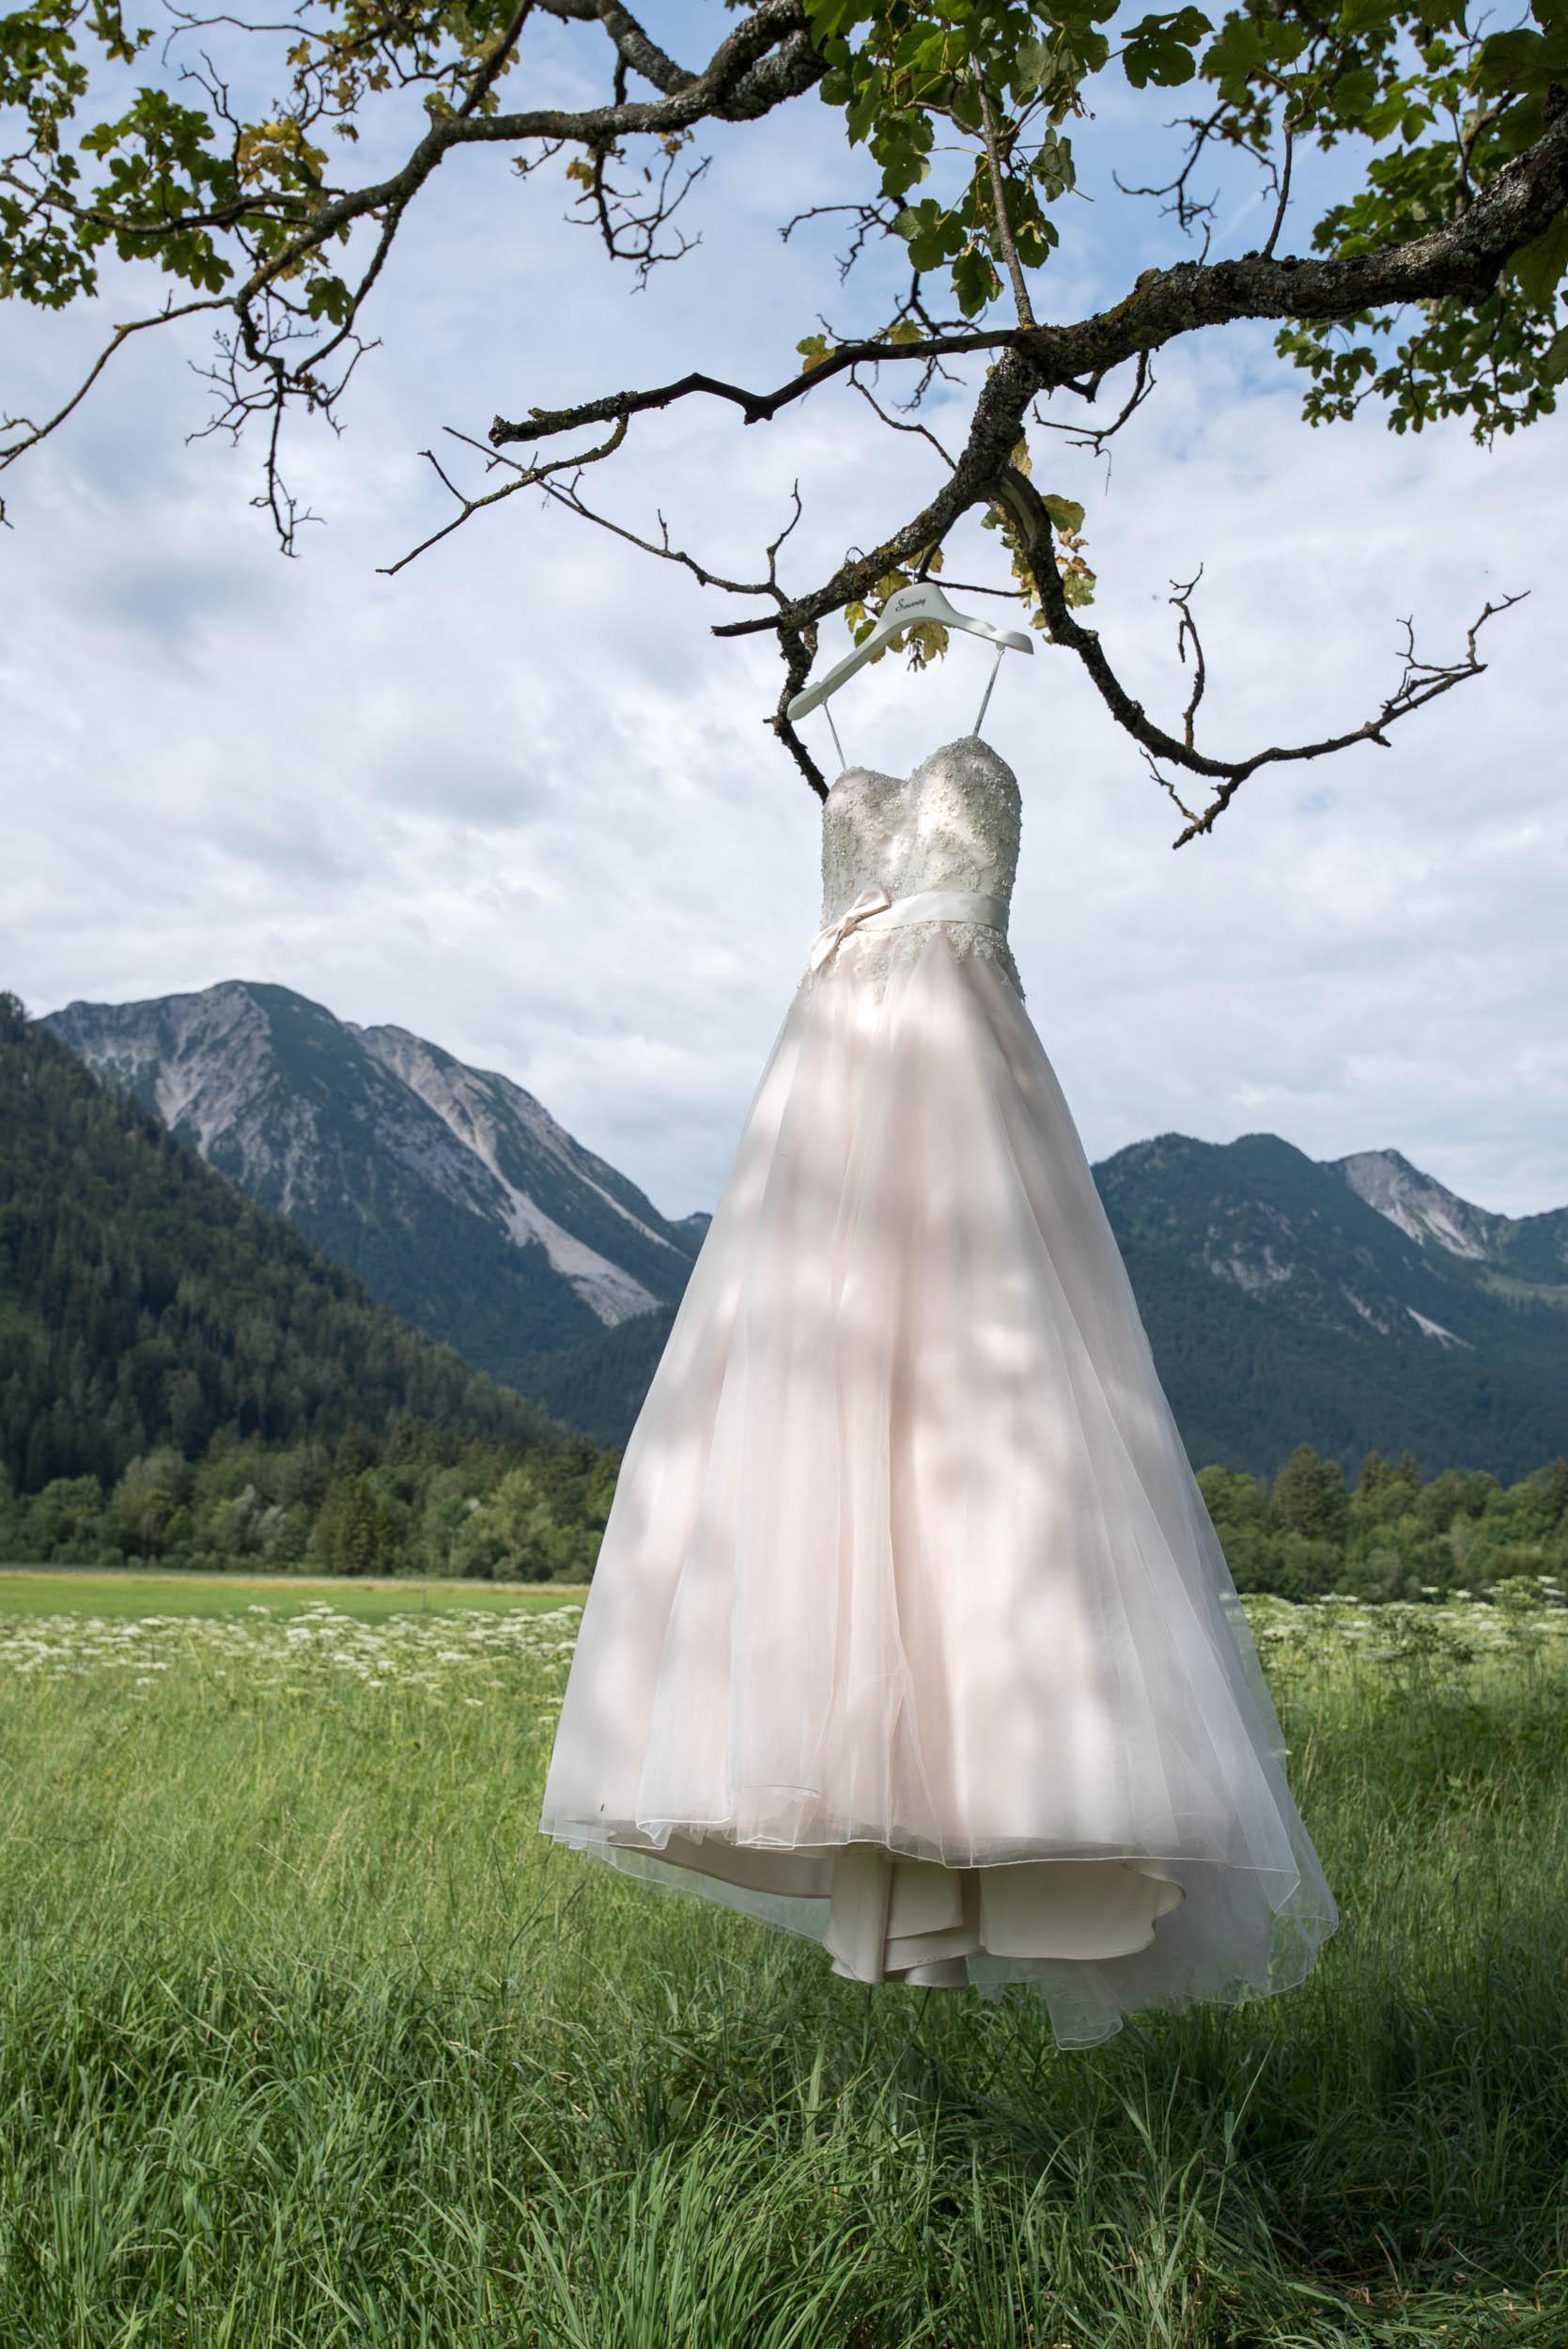 Hochzeitsfotos - Hochzeitsfotograf, Augsburg, München / Süddeutschland